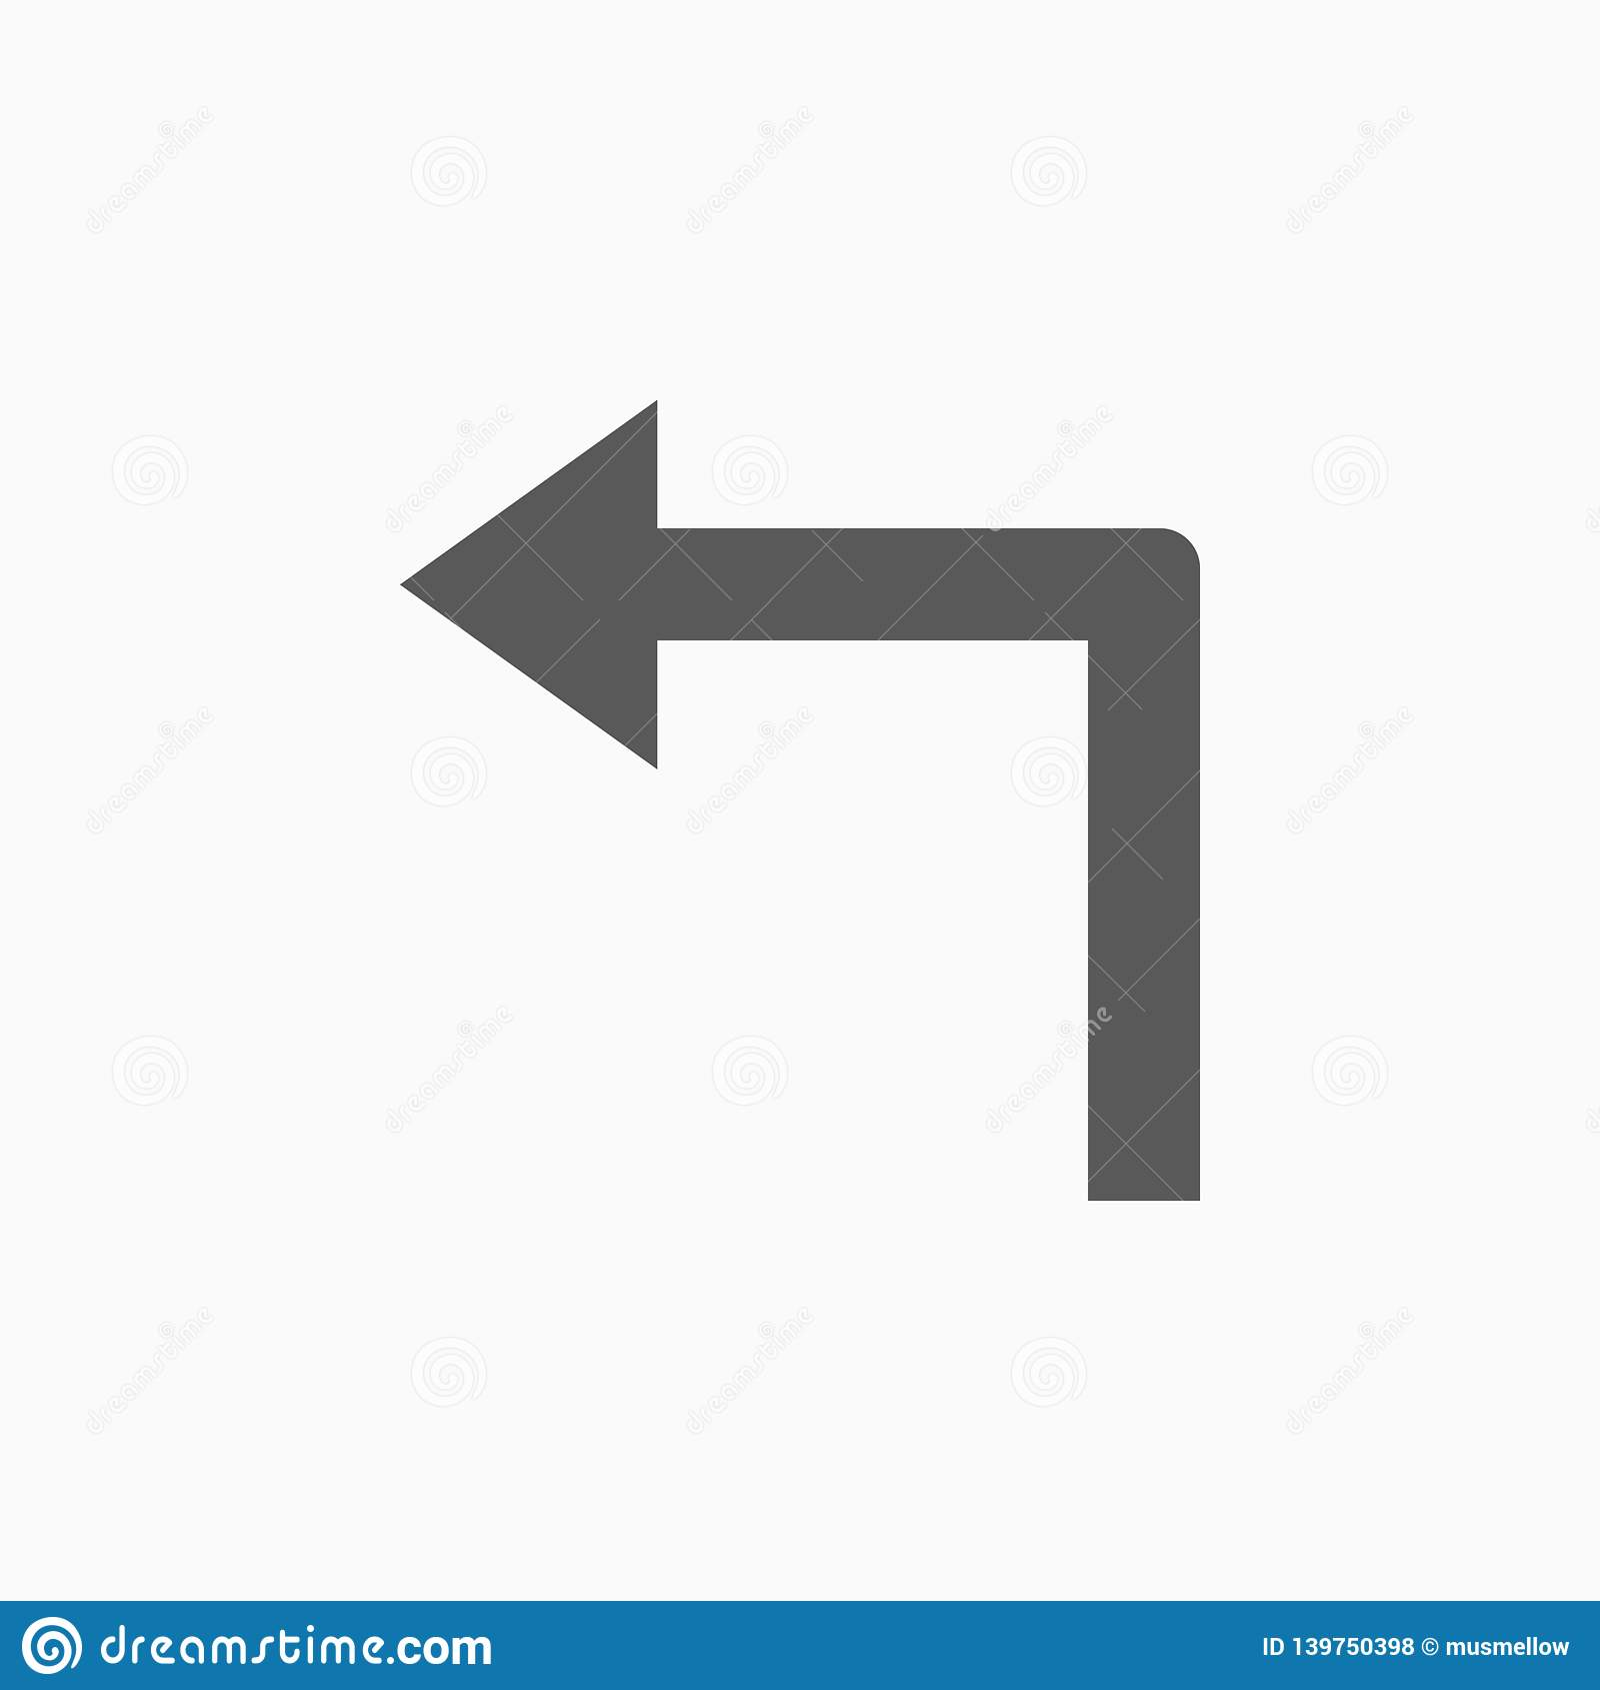 向左转象,箭头,路标,路标